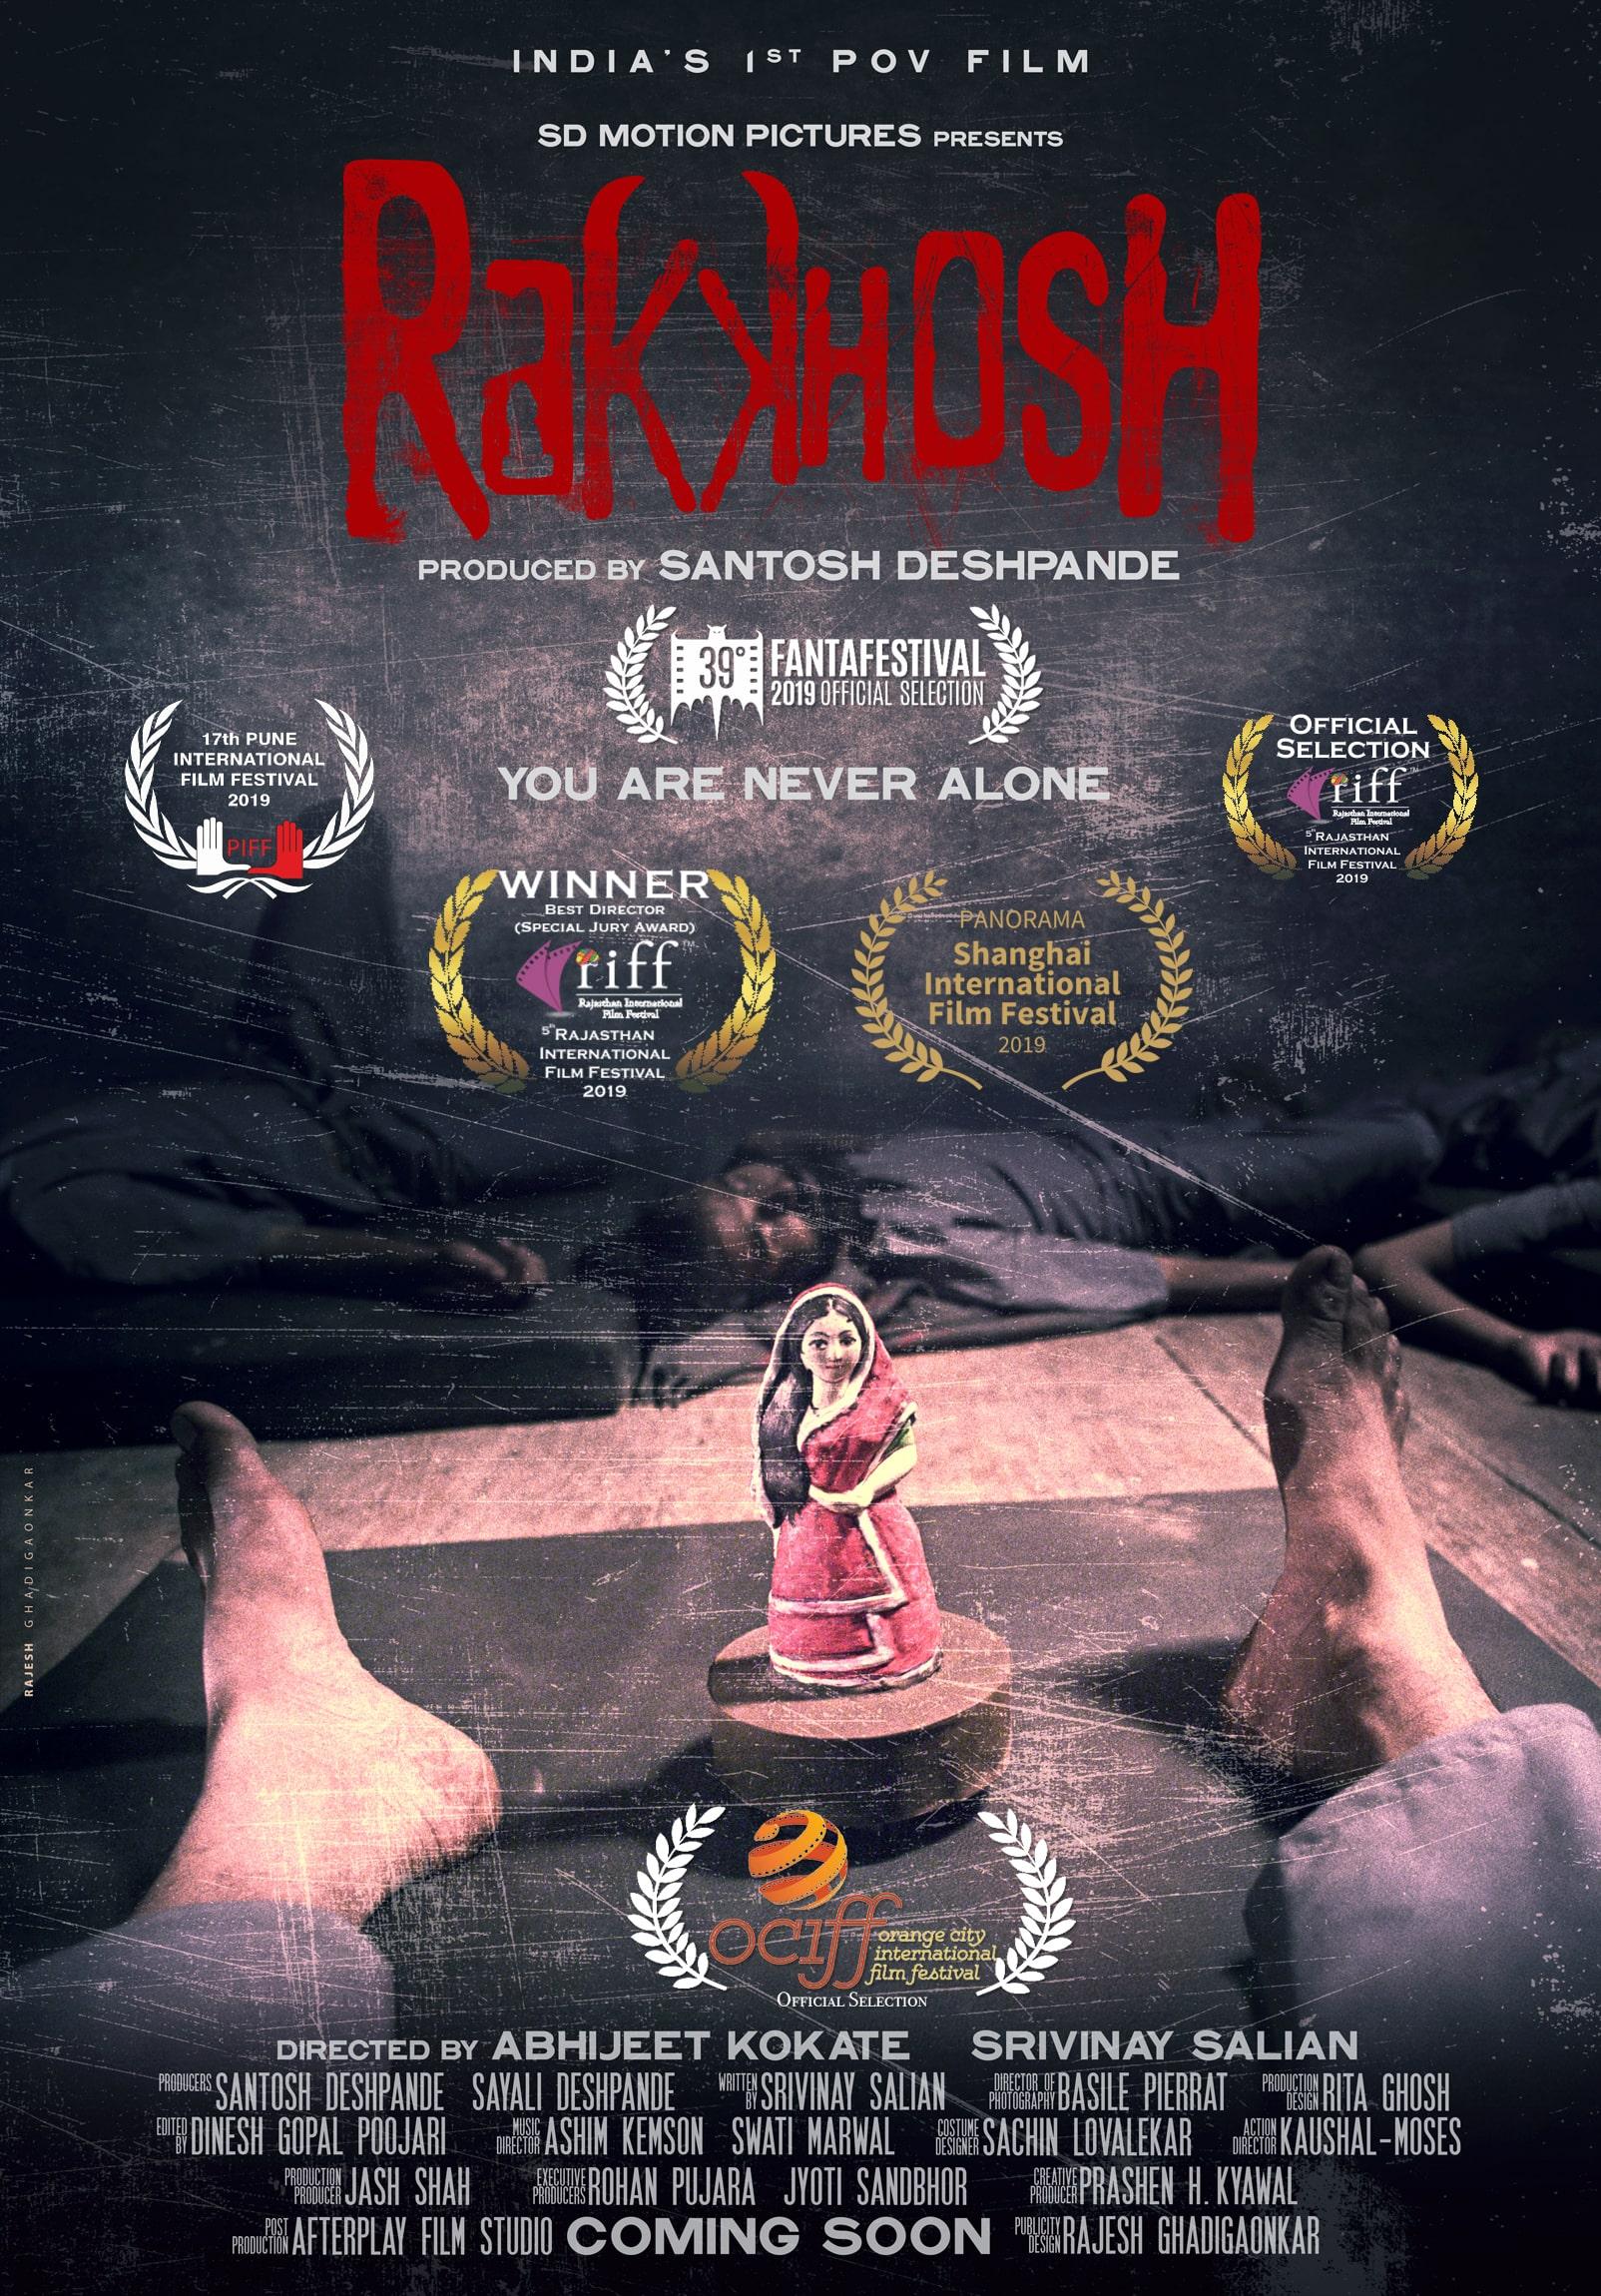 Rakkhosh-poster1A-min